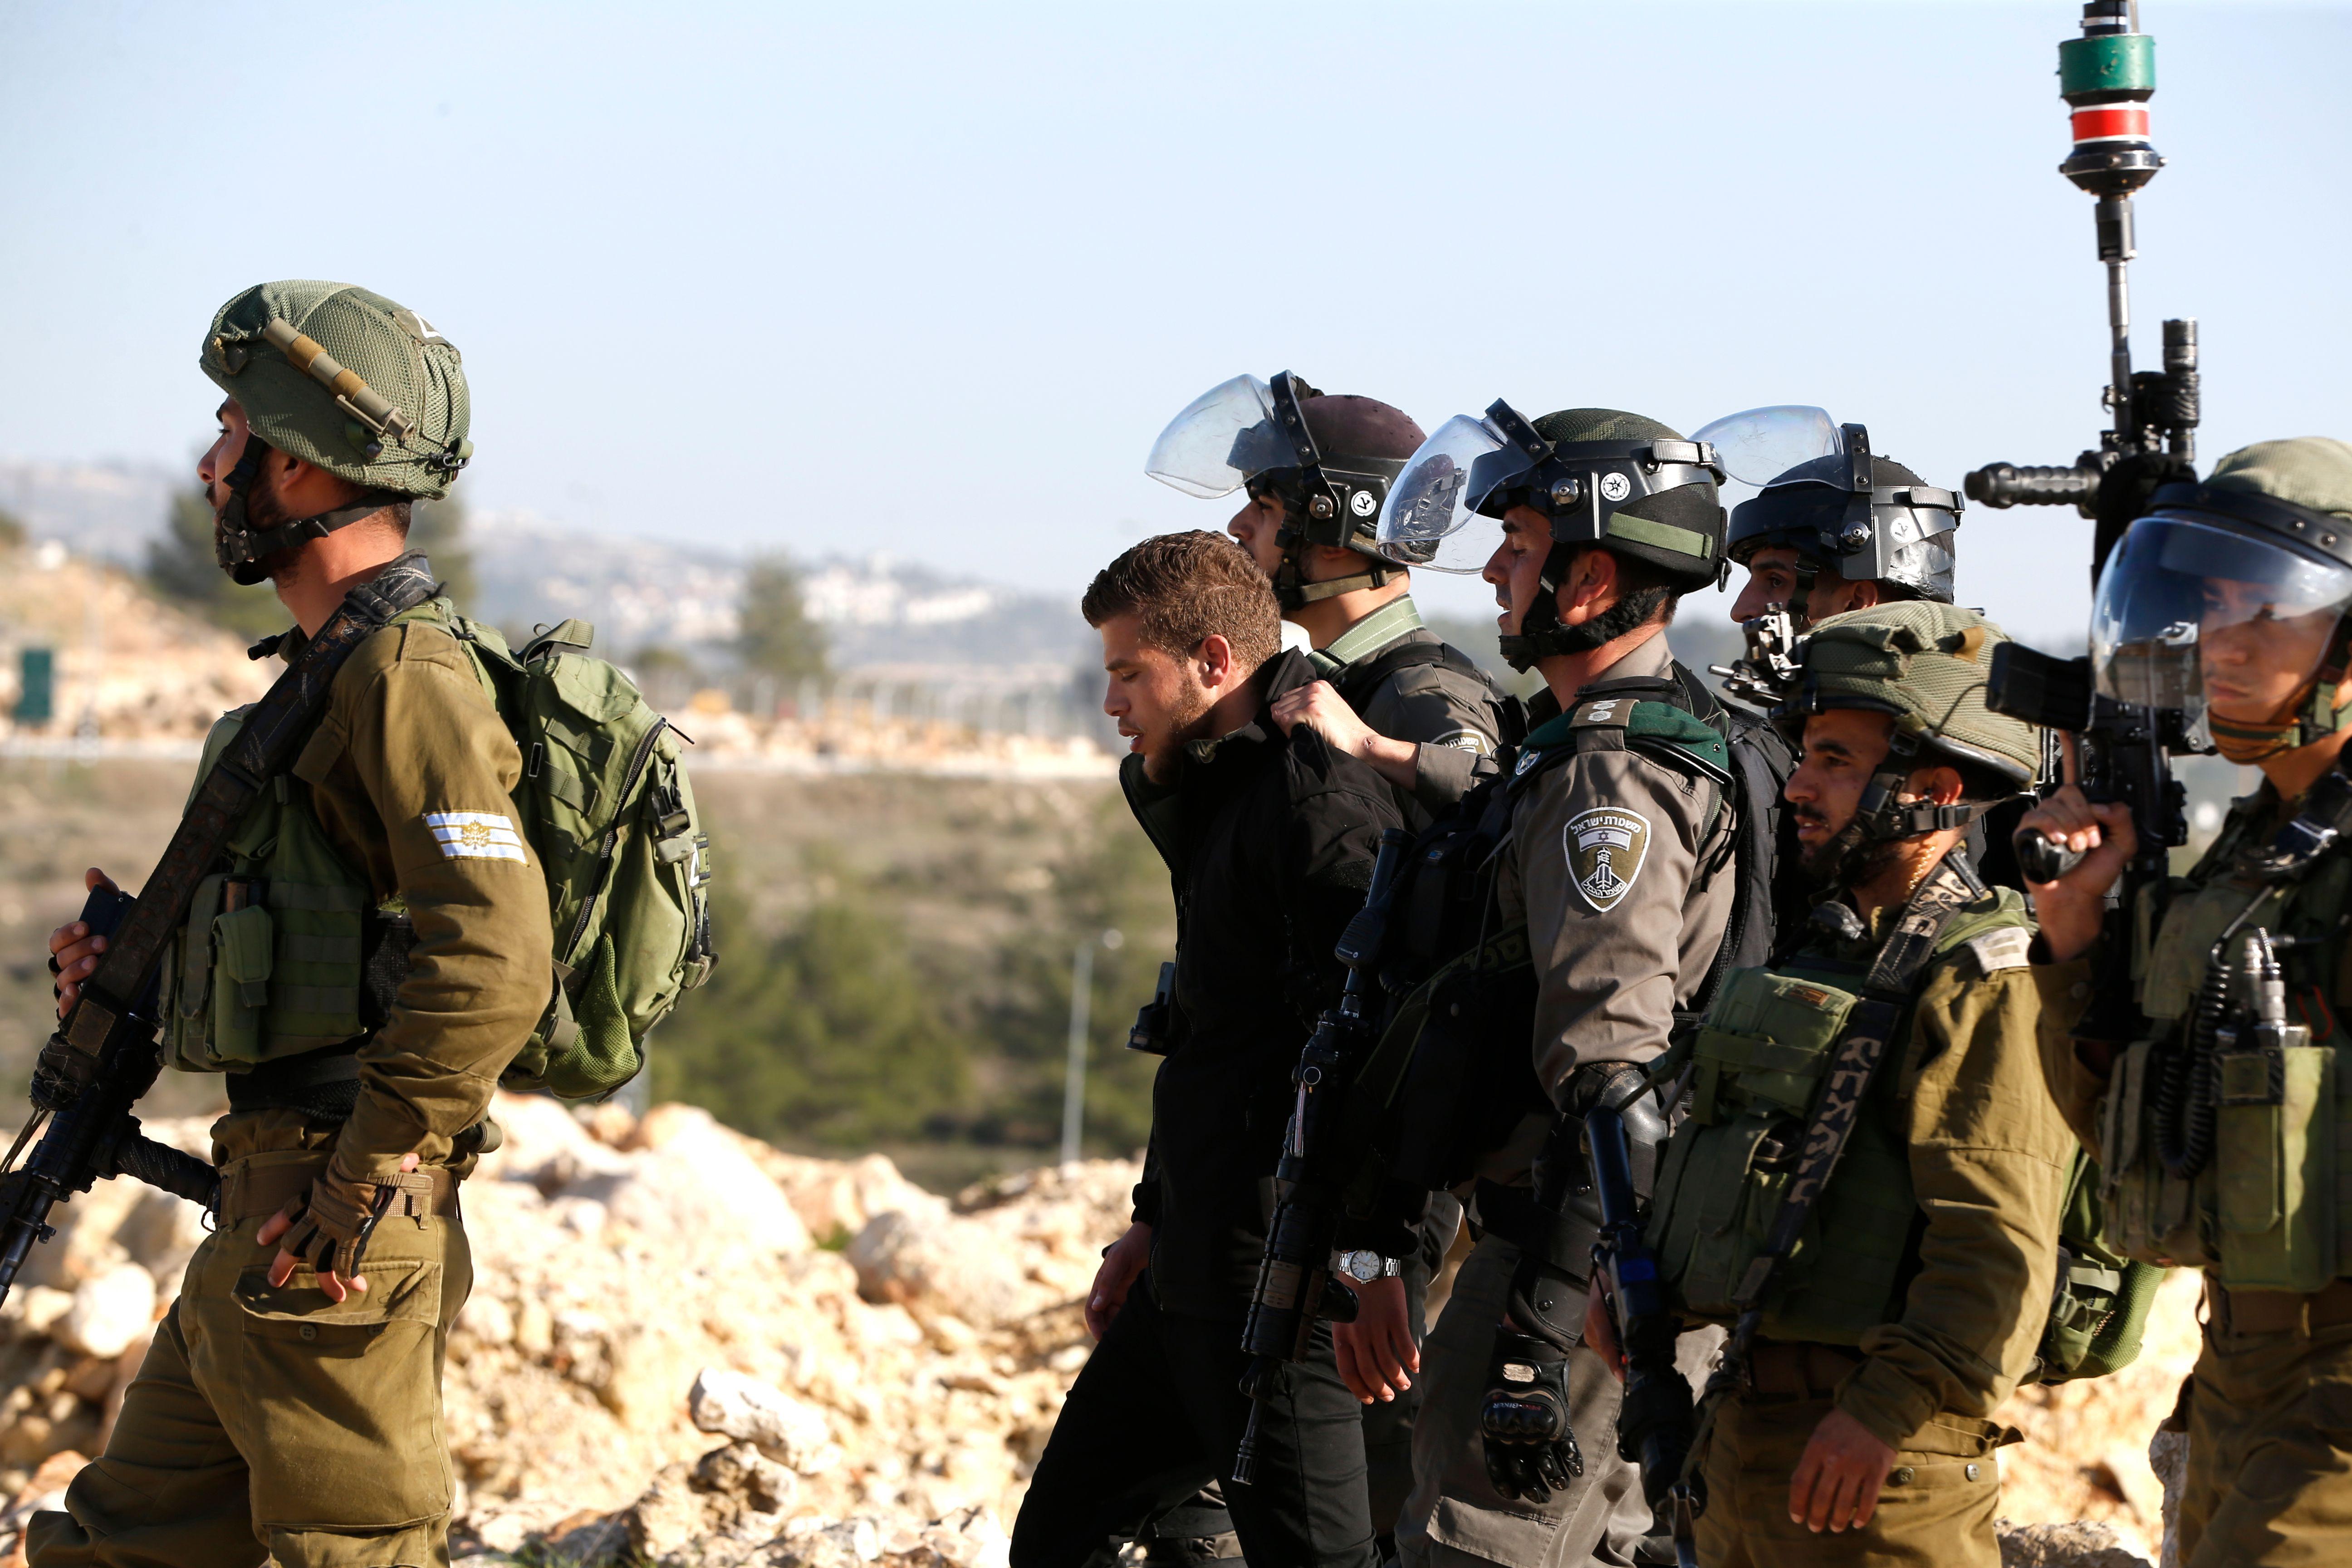 قوات الاحتلال تعتقل المشاركين في التظاهر